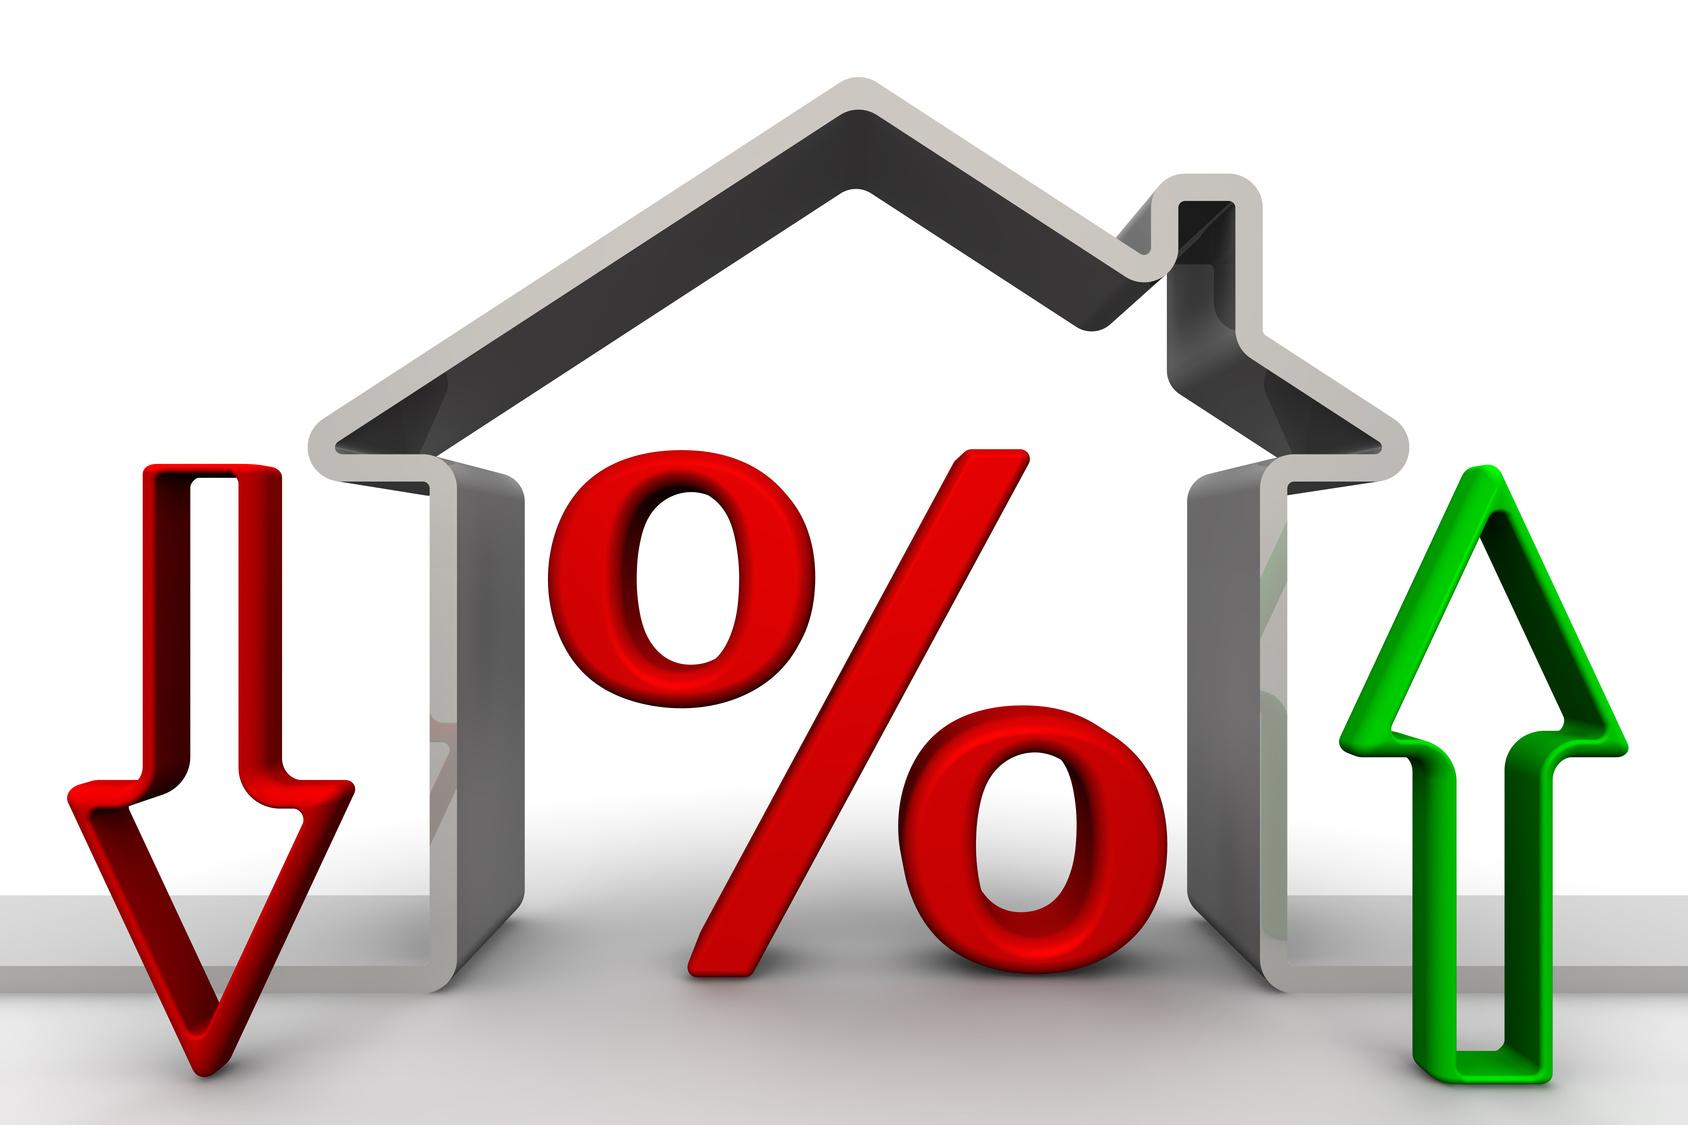 房贷 成本 银行 按揭 利率 价格 房地产 加拿大.jpg